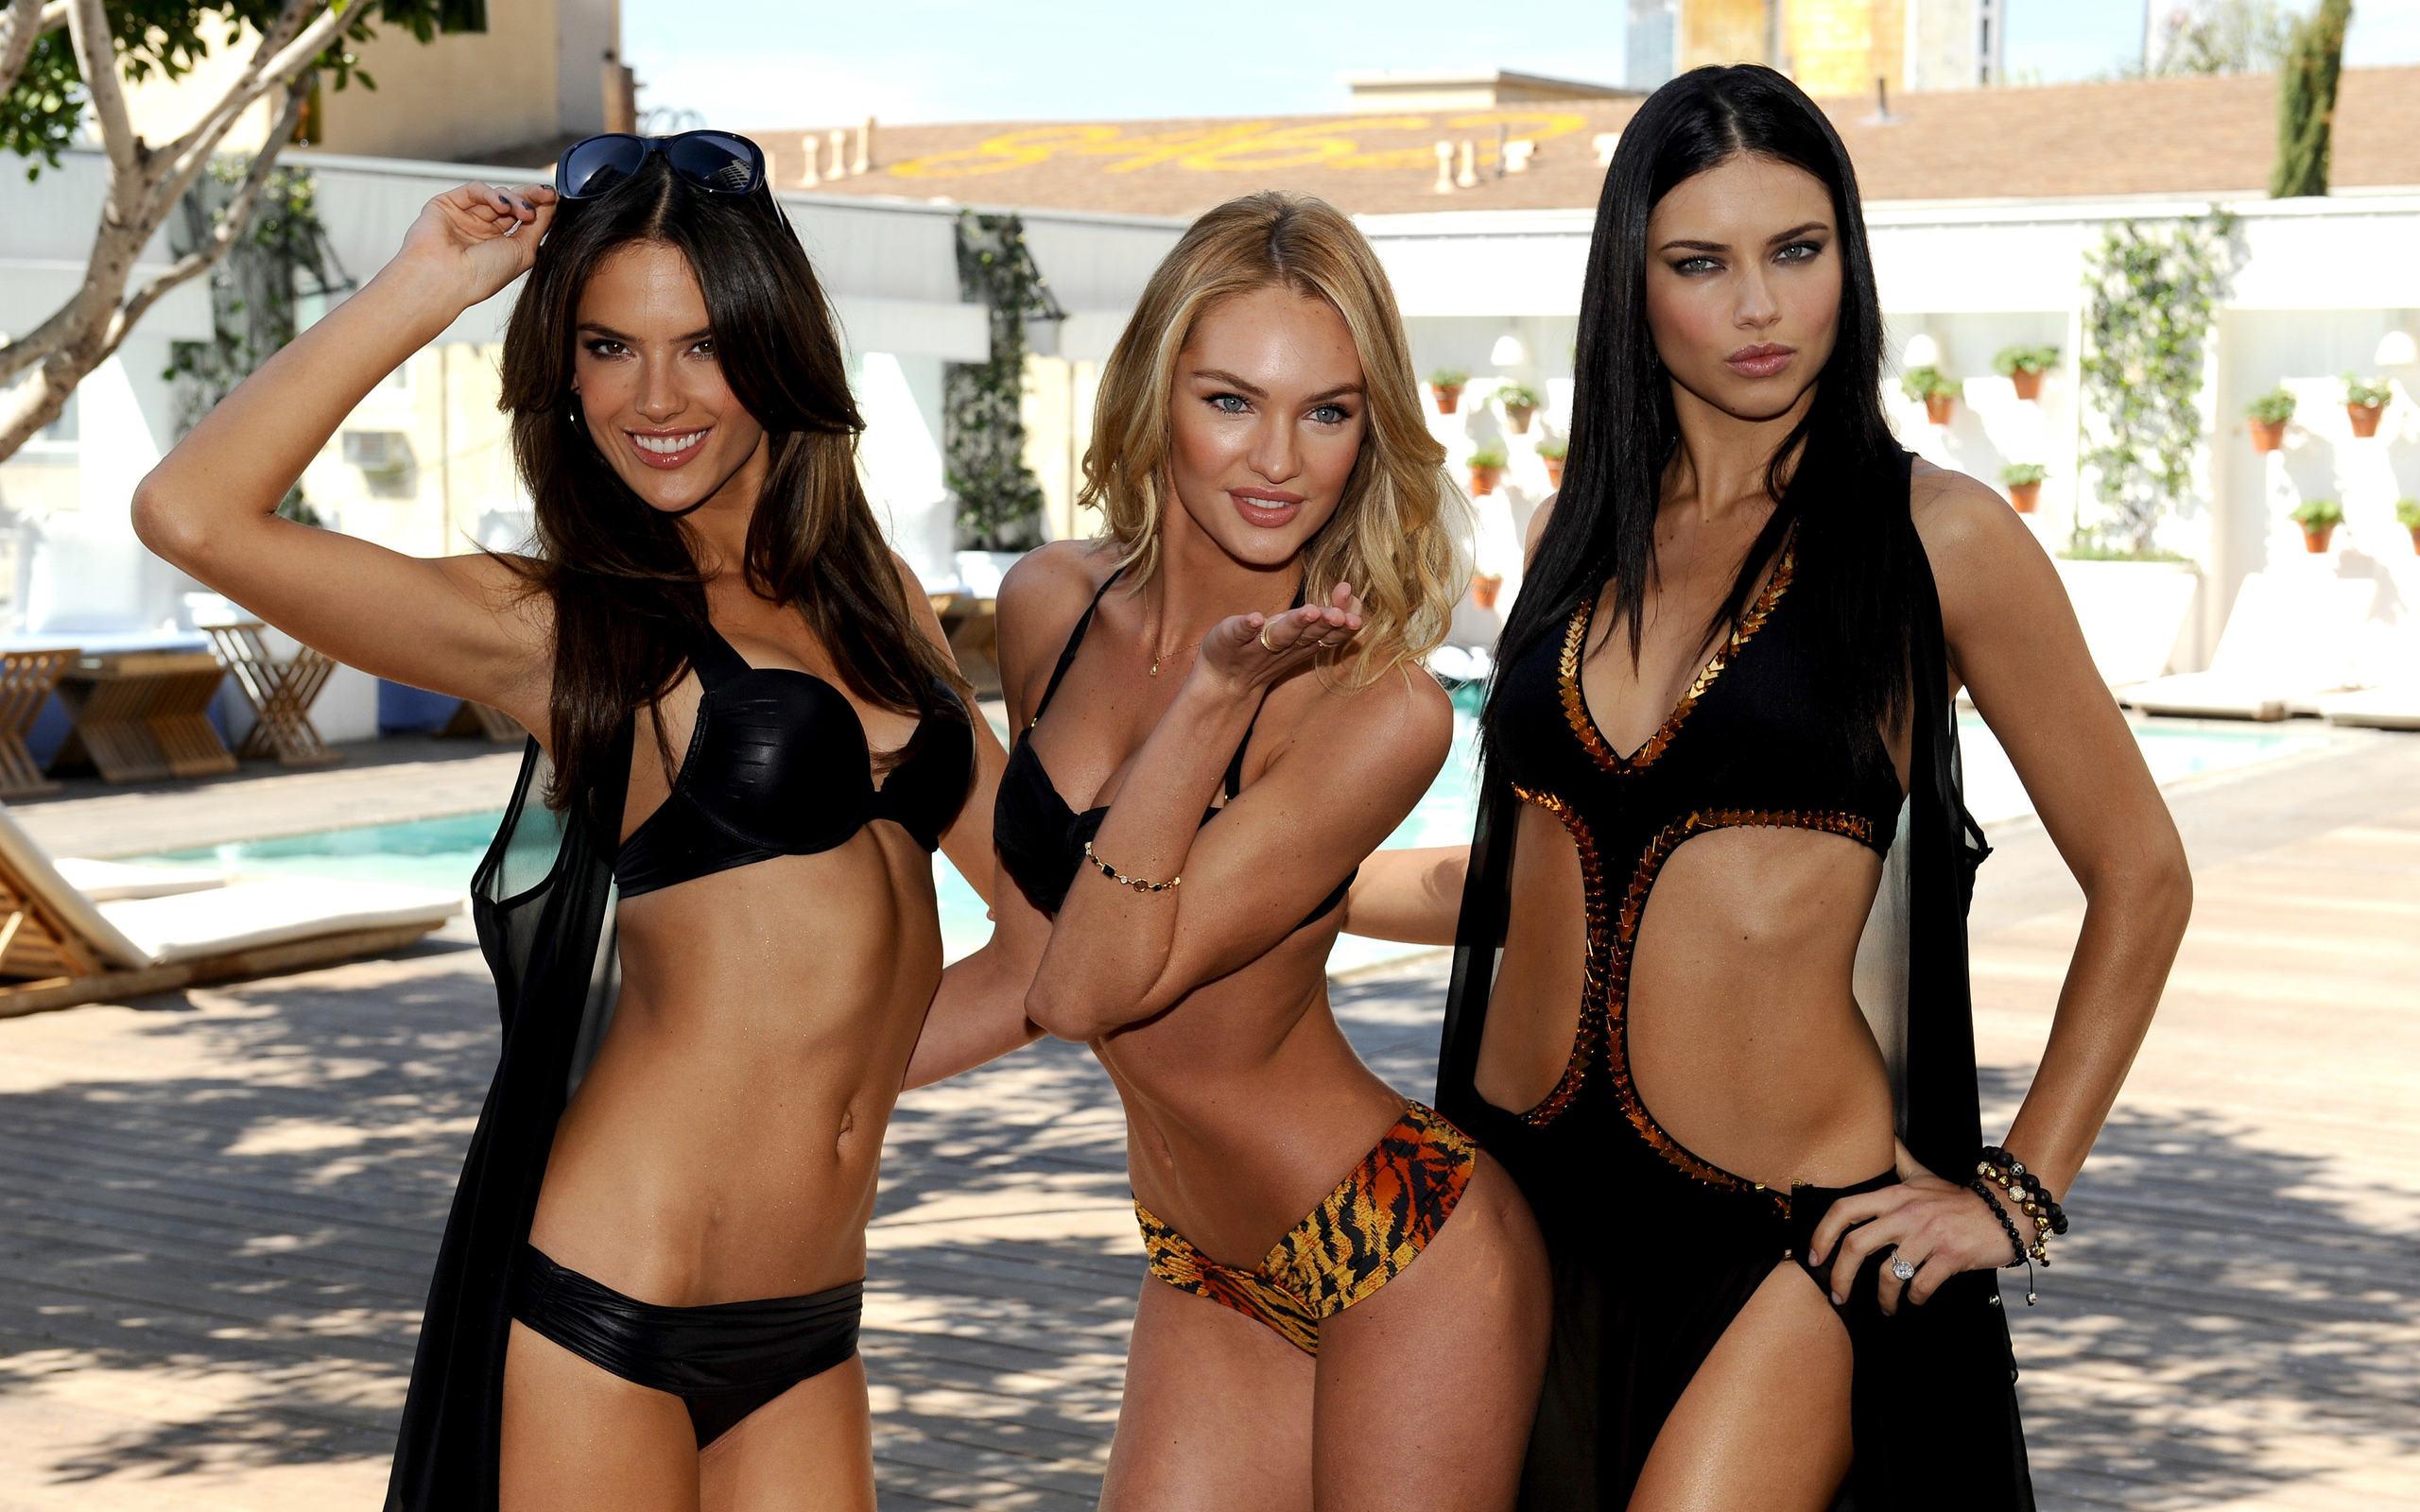 Трое девушек с одним фото